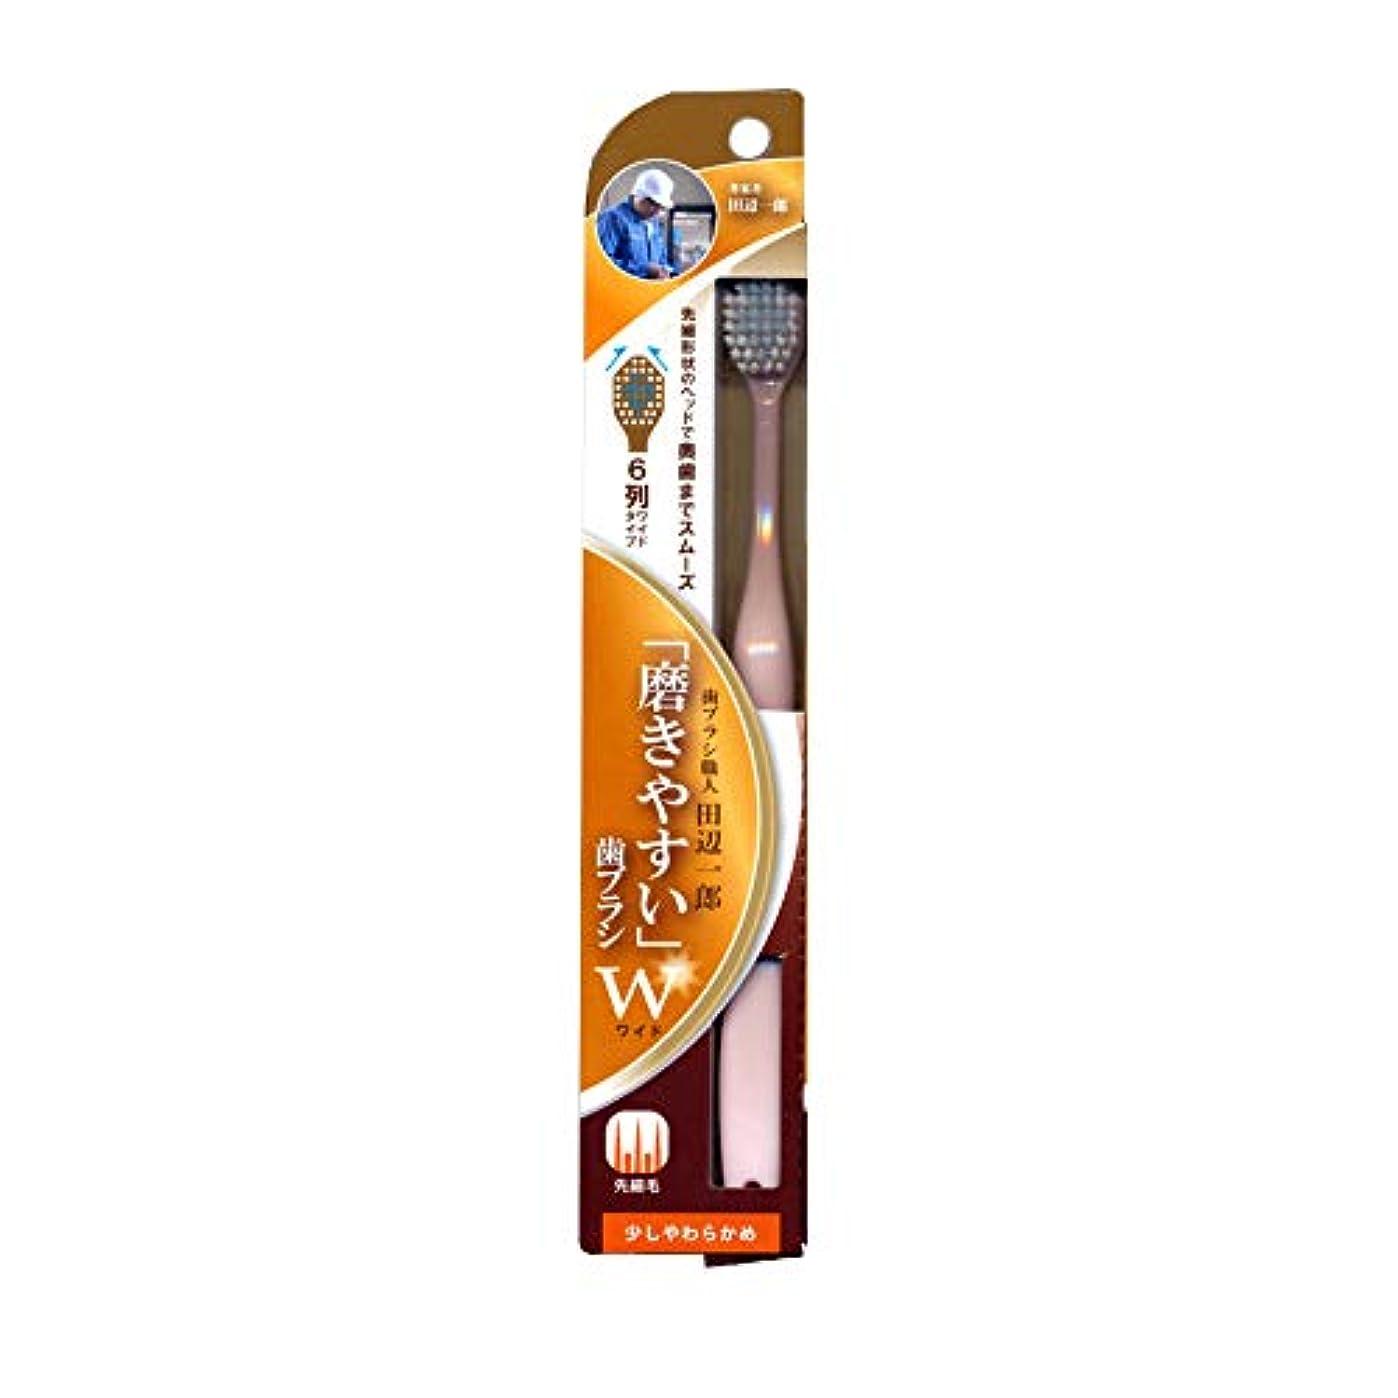 差別する見込み彫刻家磨きやすい歯ブラシ 6列ワイドタイプ LT-46 少し柔らかめ (色選択不可)(先細毛)